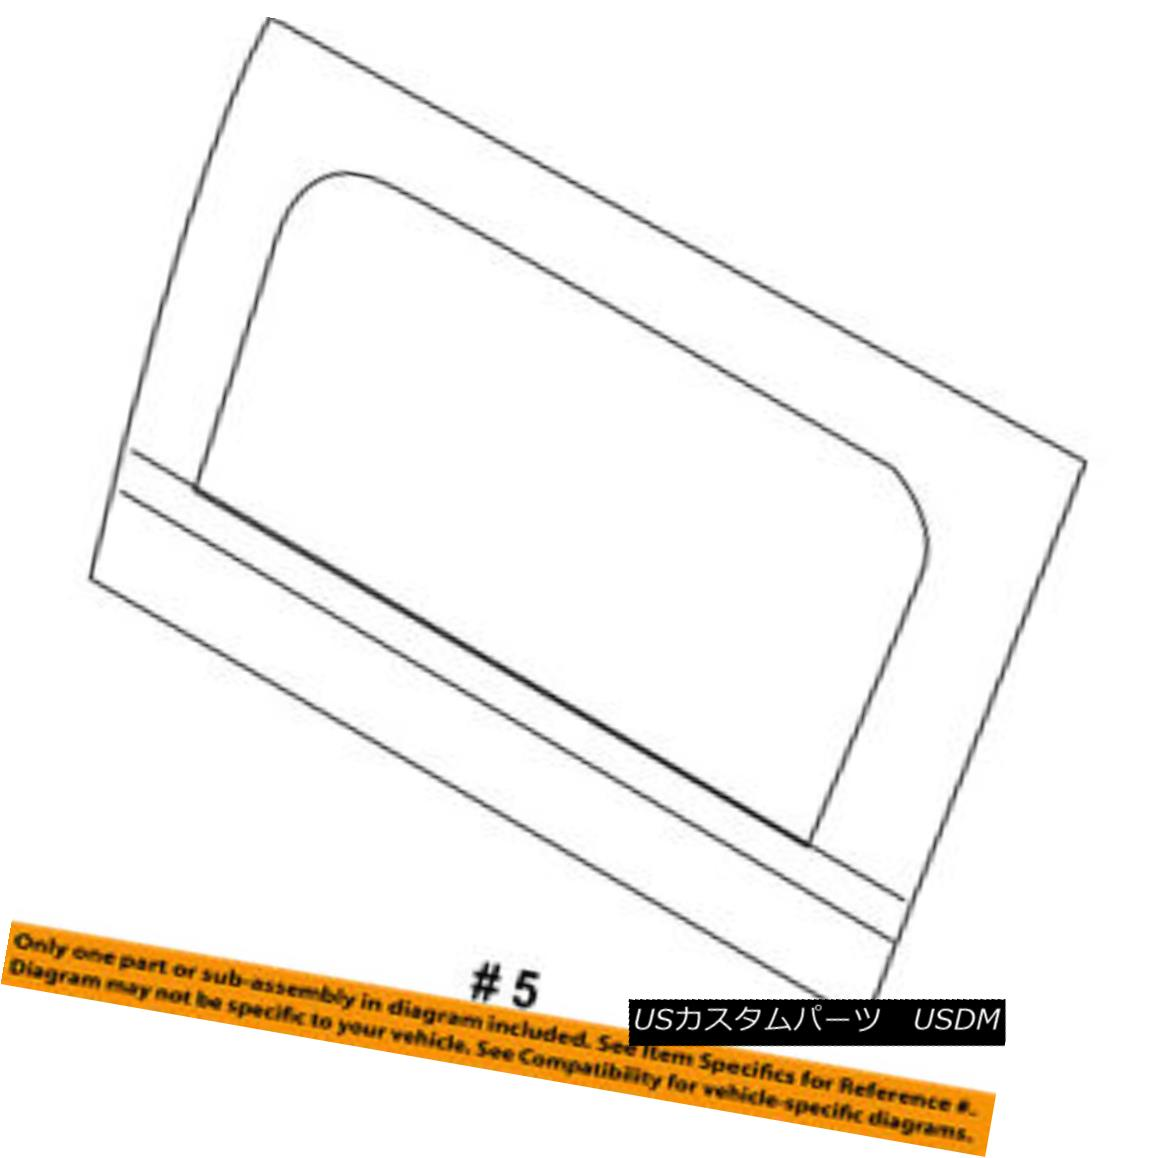 幌・ソフトトップ Jeep CHRYSLER OEM Wrangler Convertible/soft Top-Side Glass Right 5SQ72SX9AC ジープCHRYSLER OEMラングラー・コンバーチブル/ so ftトップサイドガラス右5SQ72SX9AC